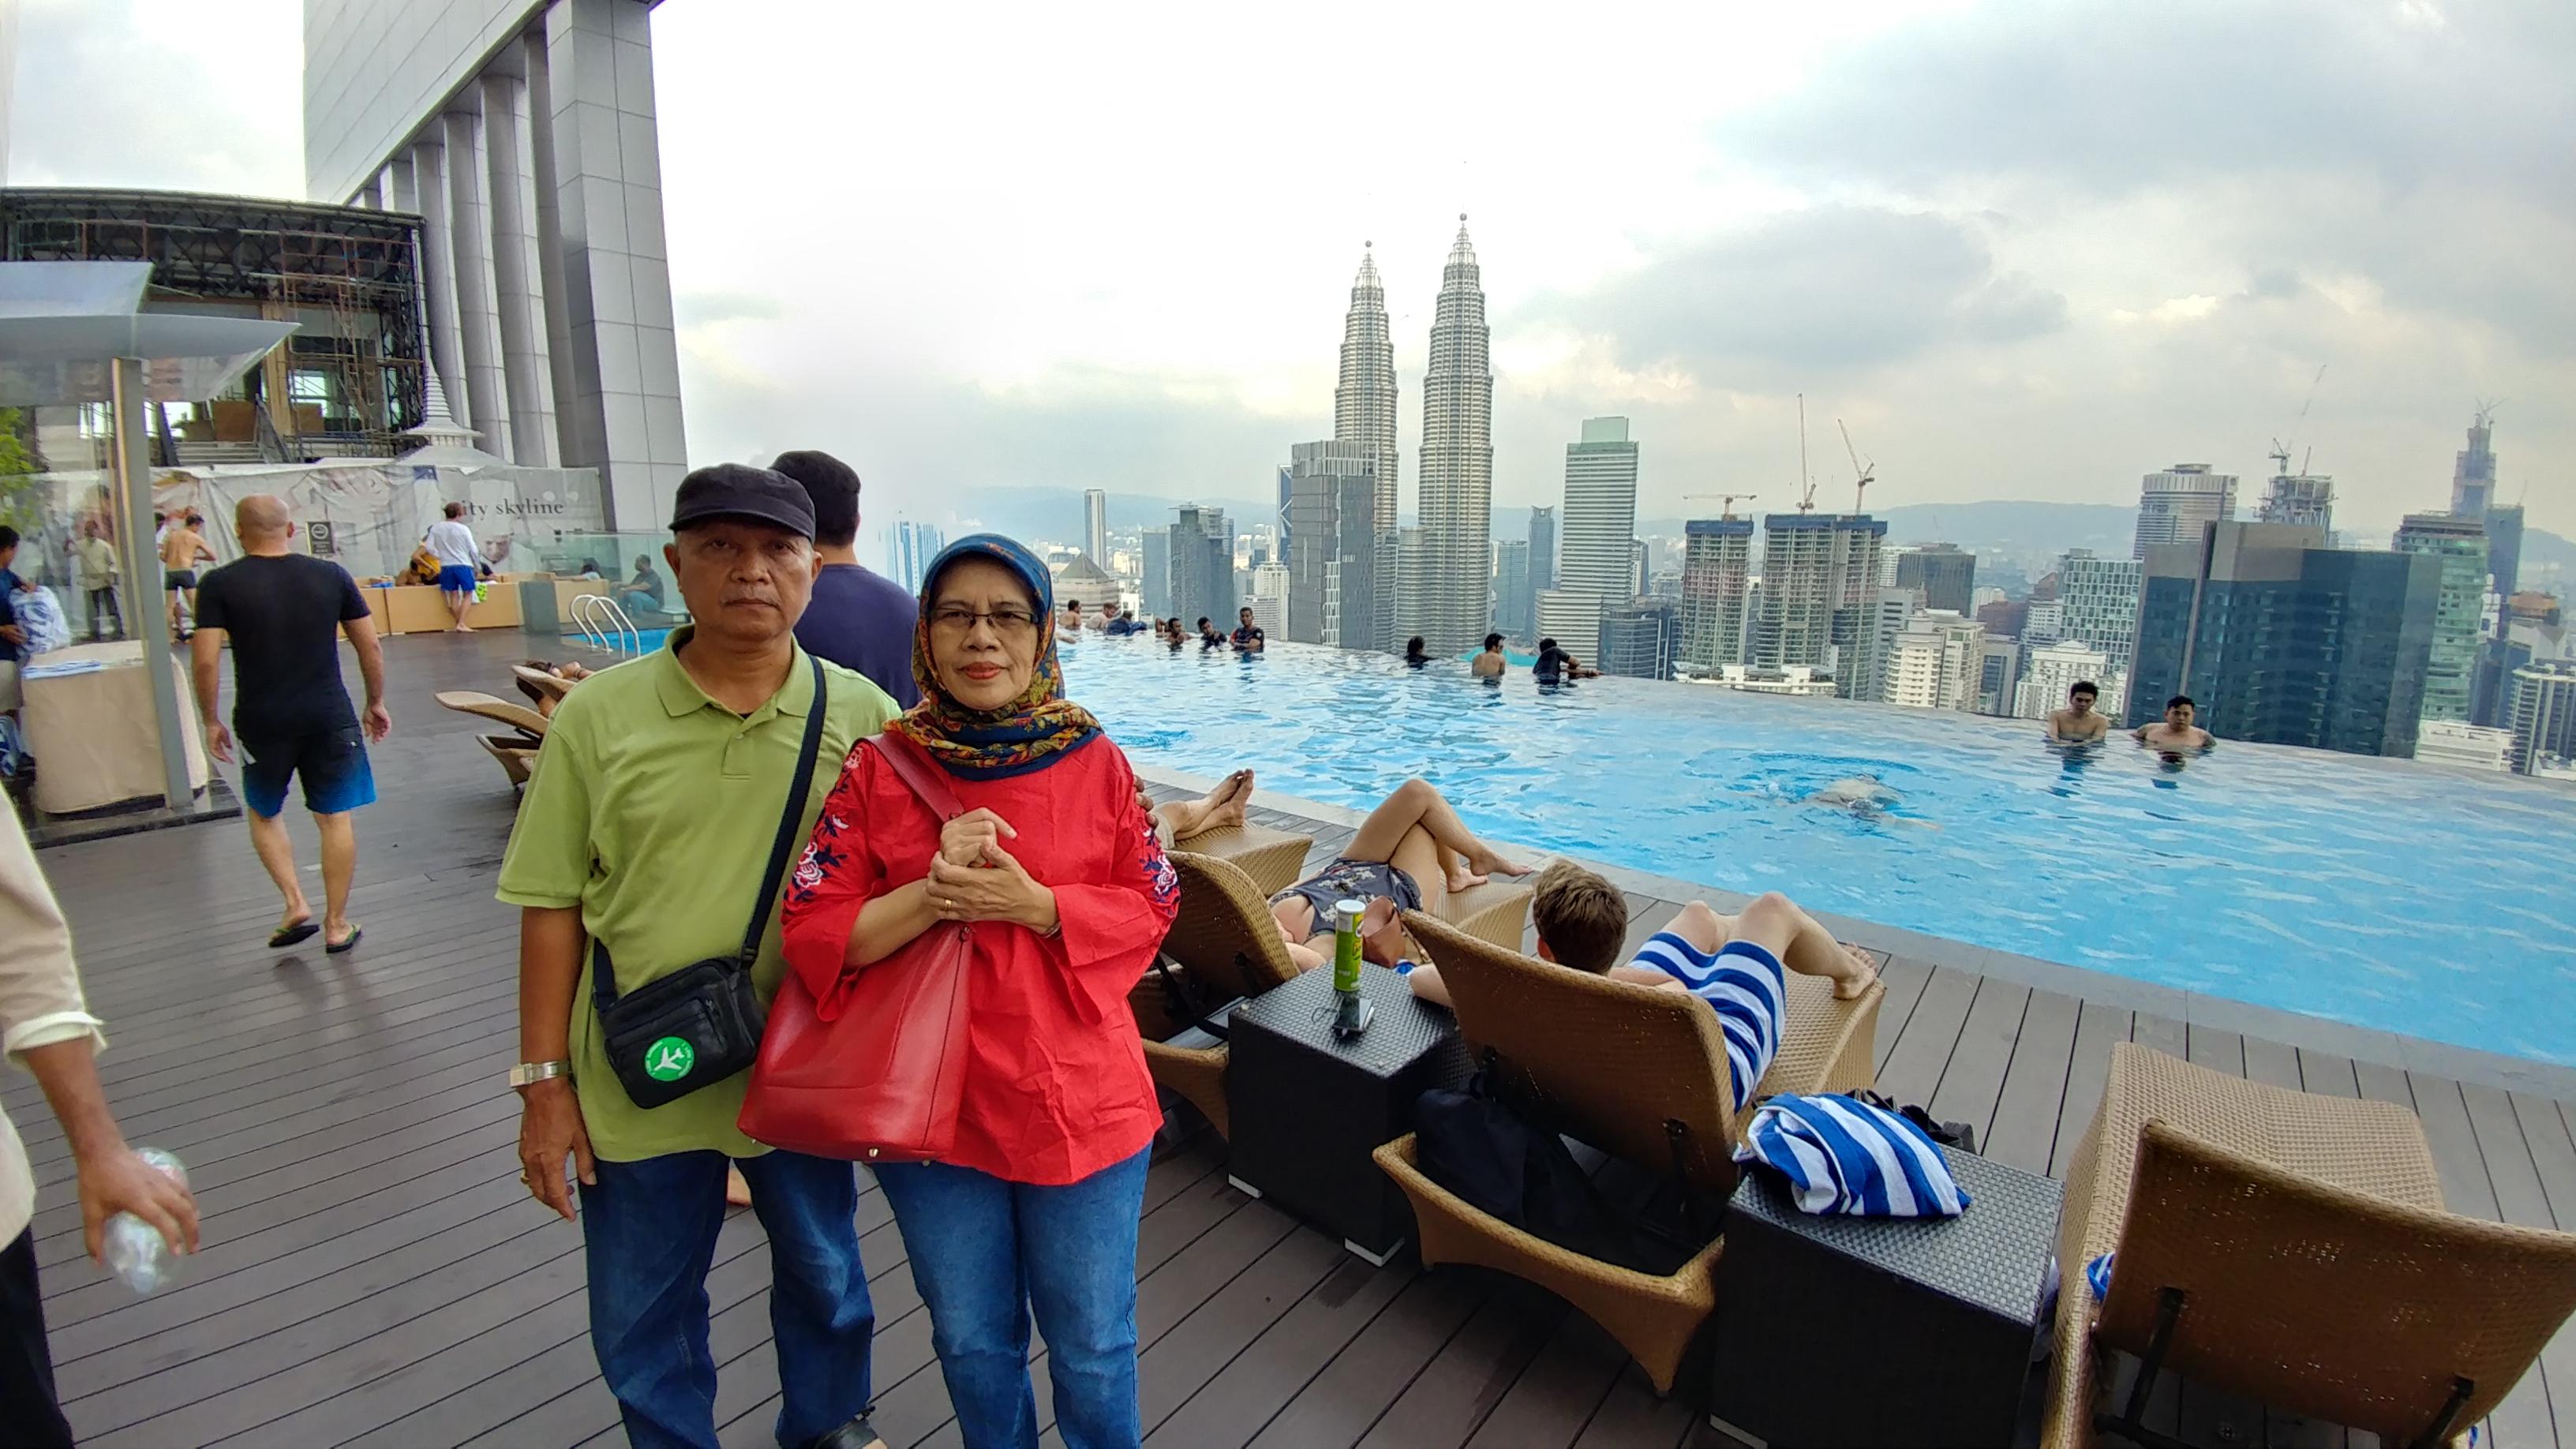 SKY POOL MALAYSIA